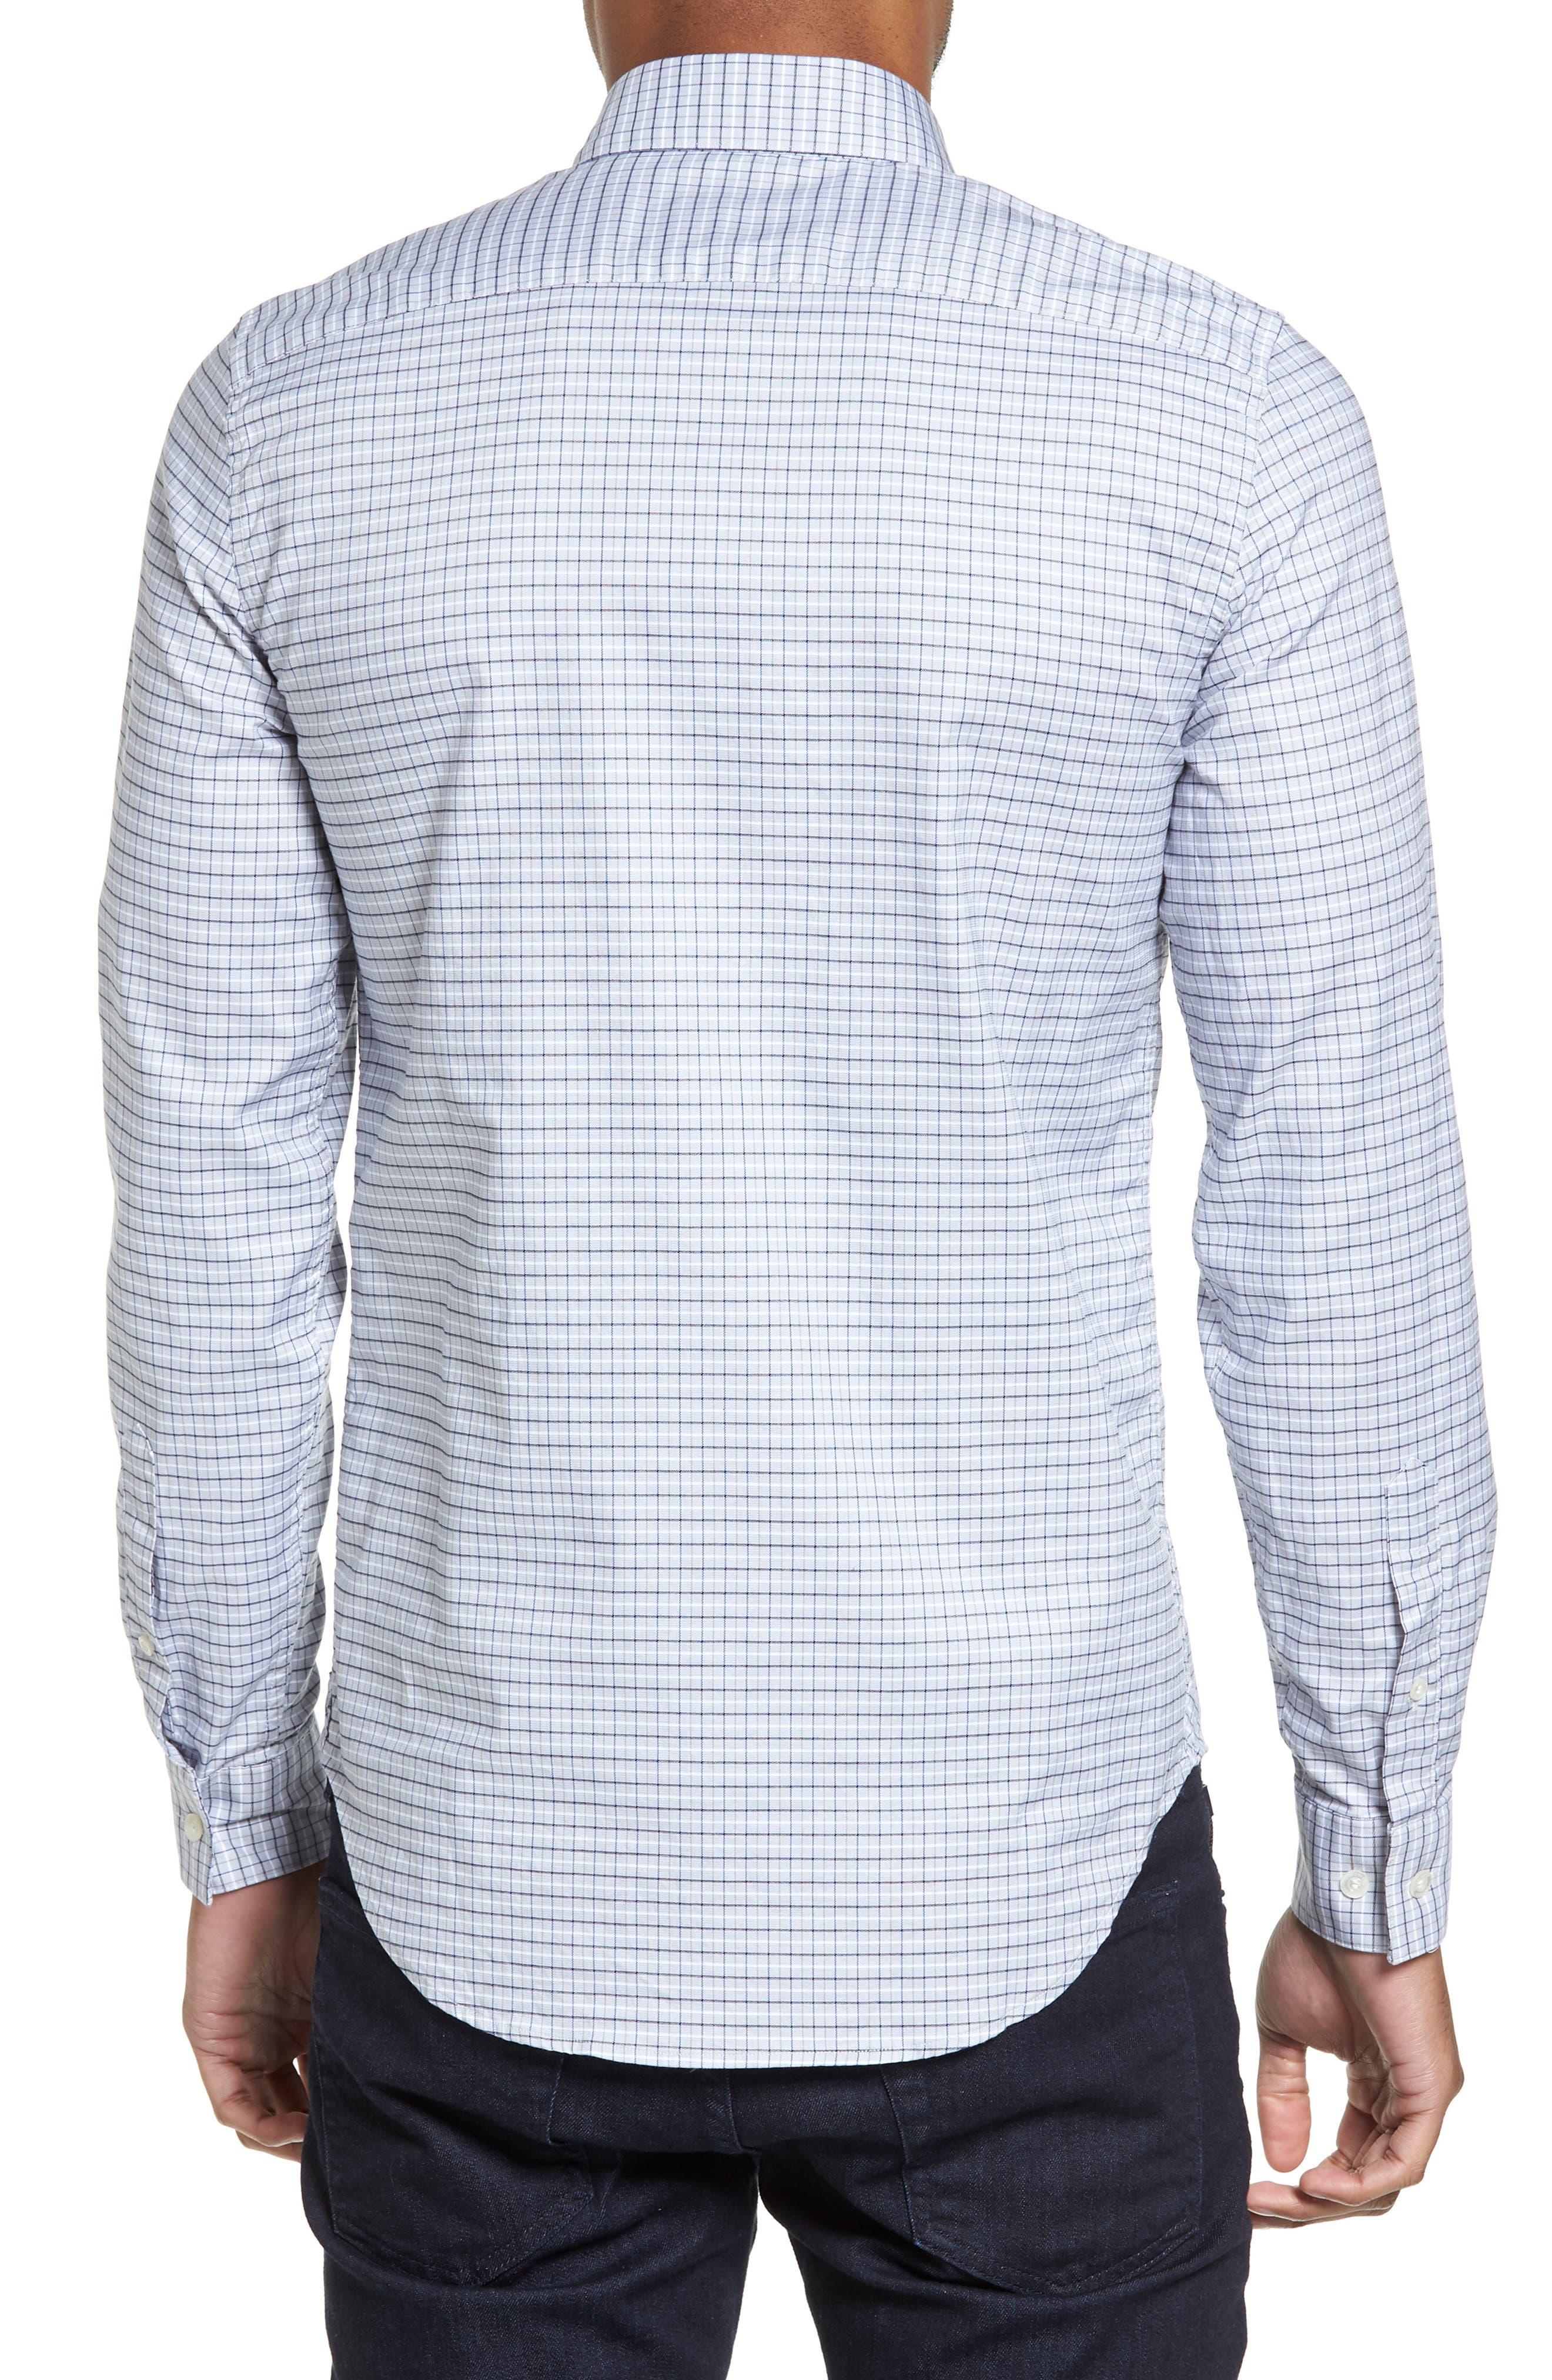 LACOSTE, Slim Fit Plaid Shirt, Alternate thumbnail 2, color, 061